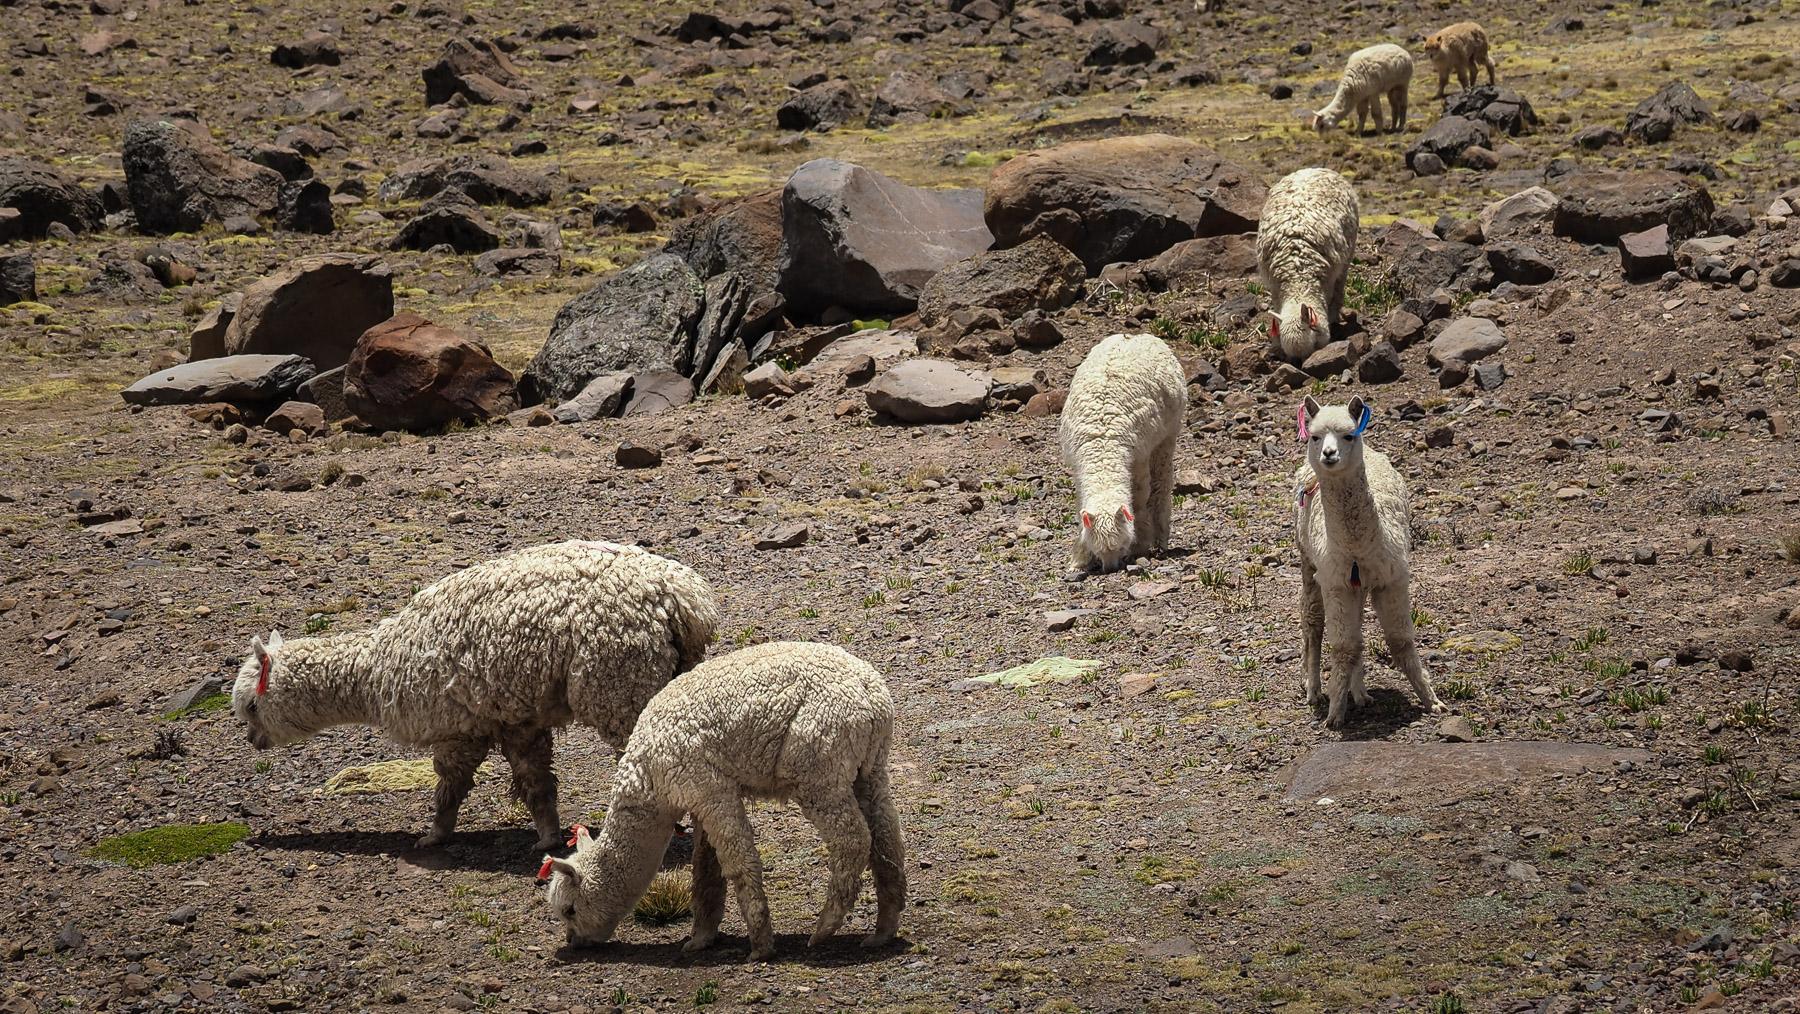 Die Alpakas sind ebenfalls in großen Herden vertreten